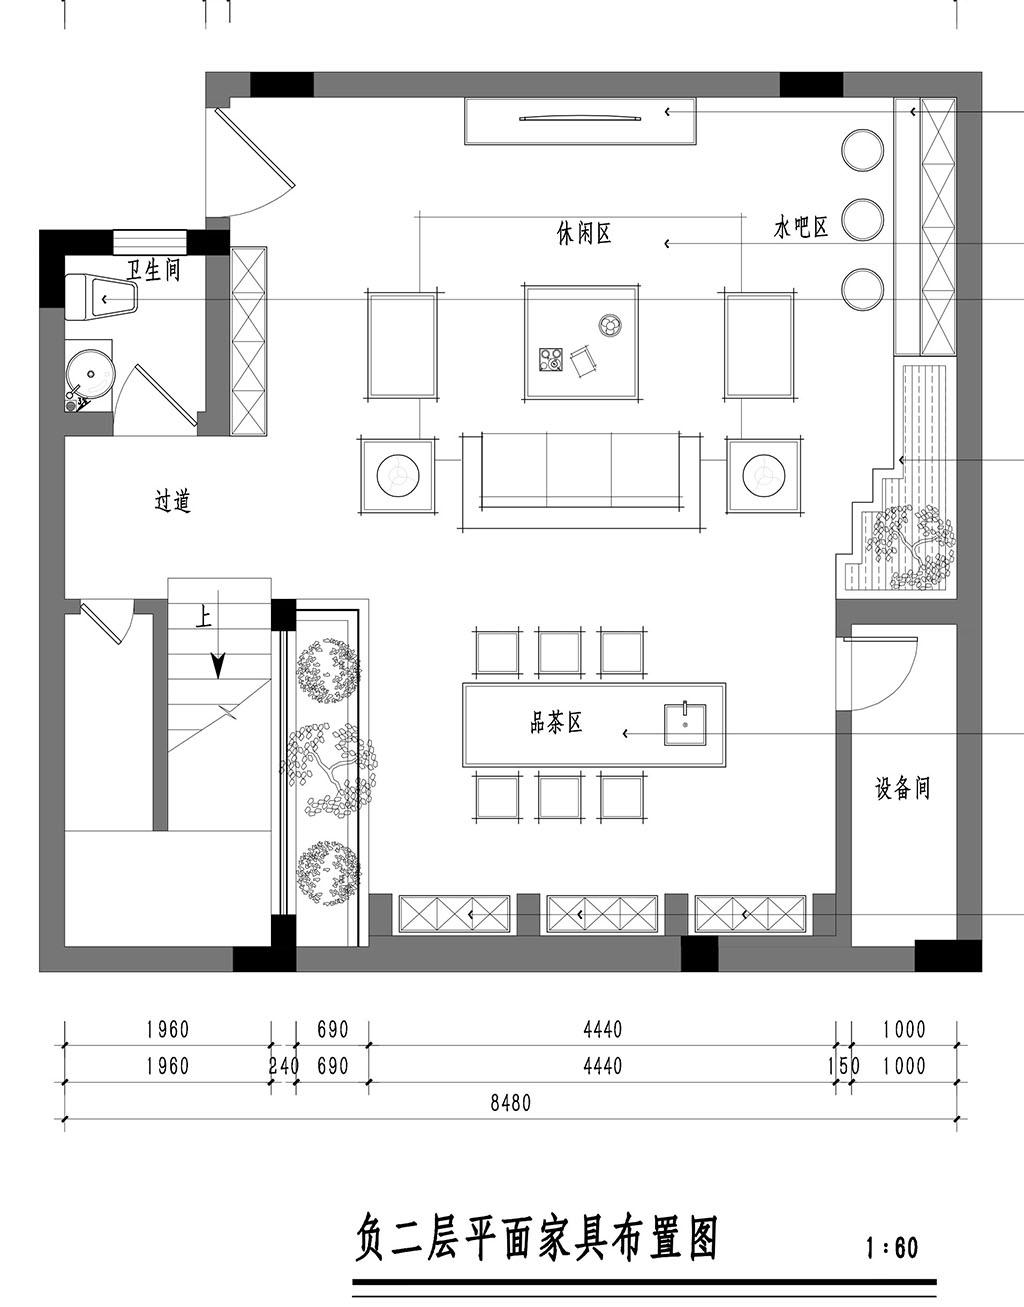 松山湖翡翠松山湖装修效果图-370㎡中式别墅装修案例装修设计理念